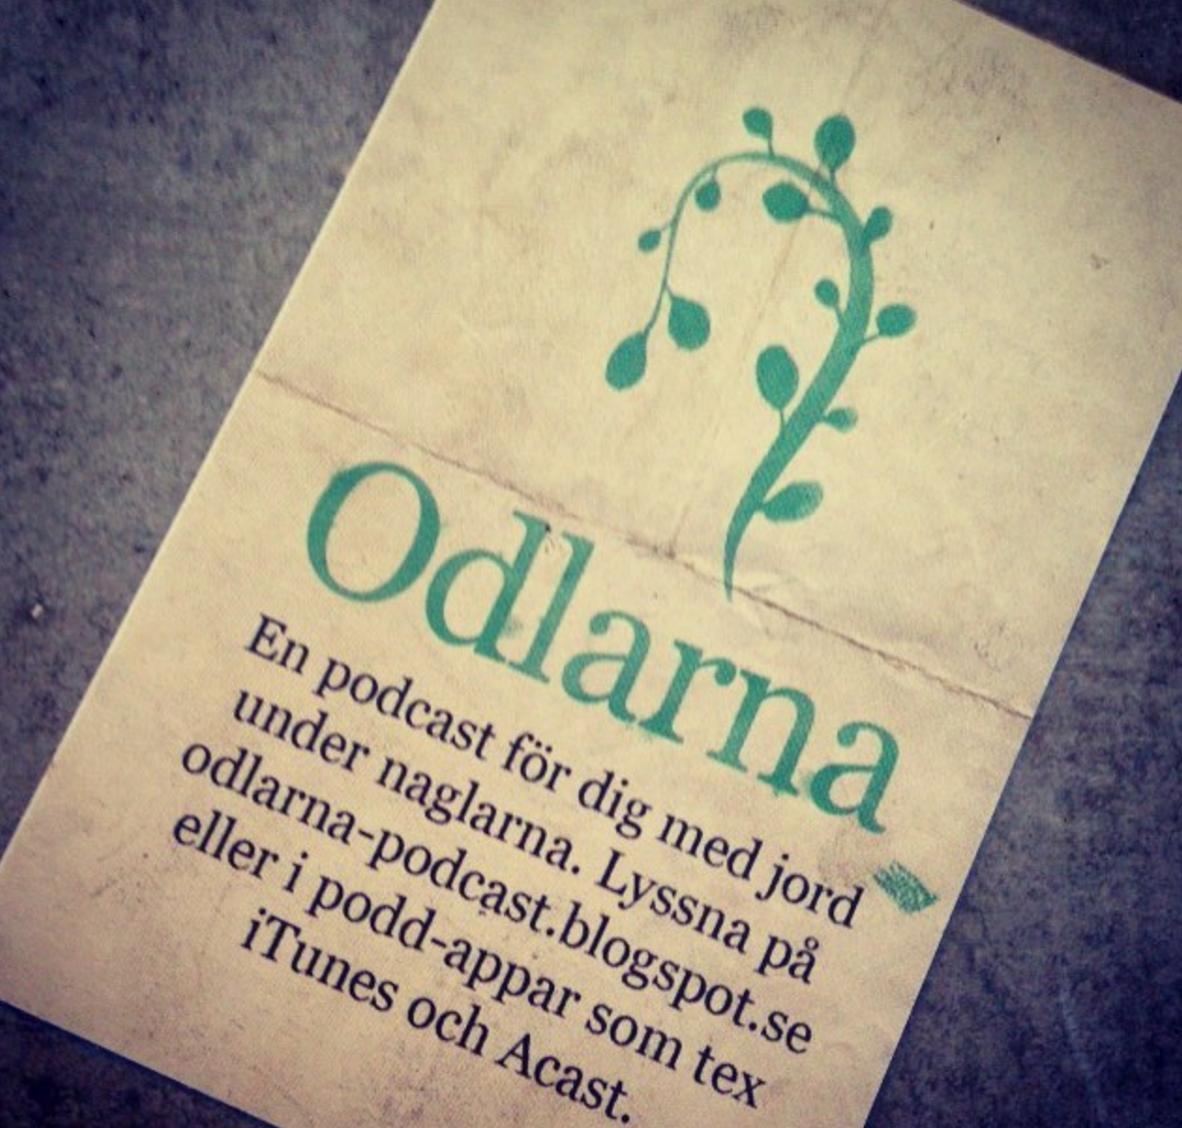 Lyssna på mig i Odlarnas pod! Bästa poden ever! :-)